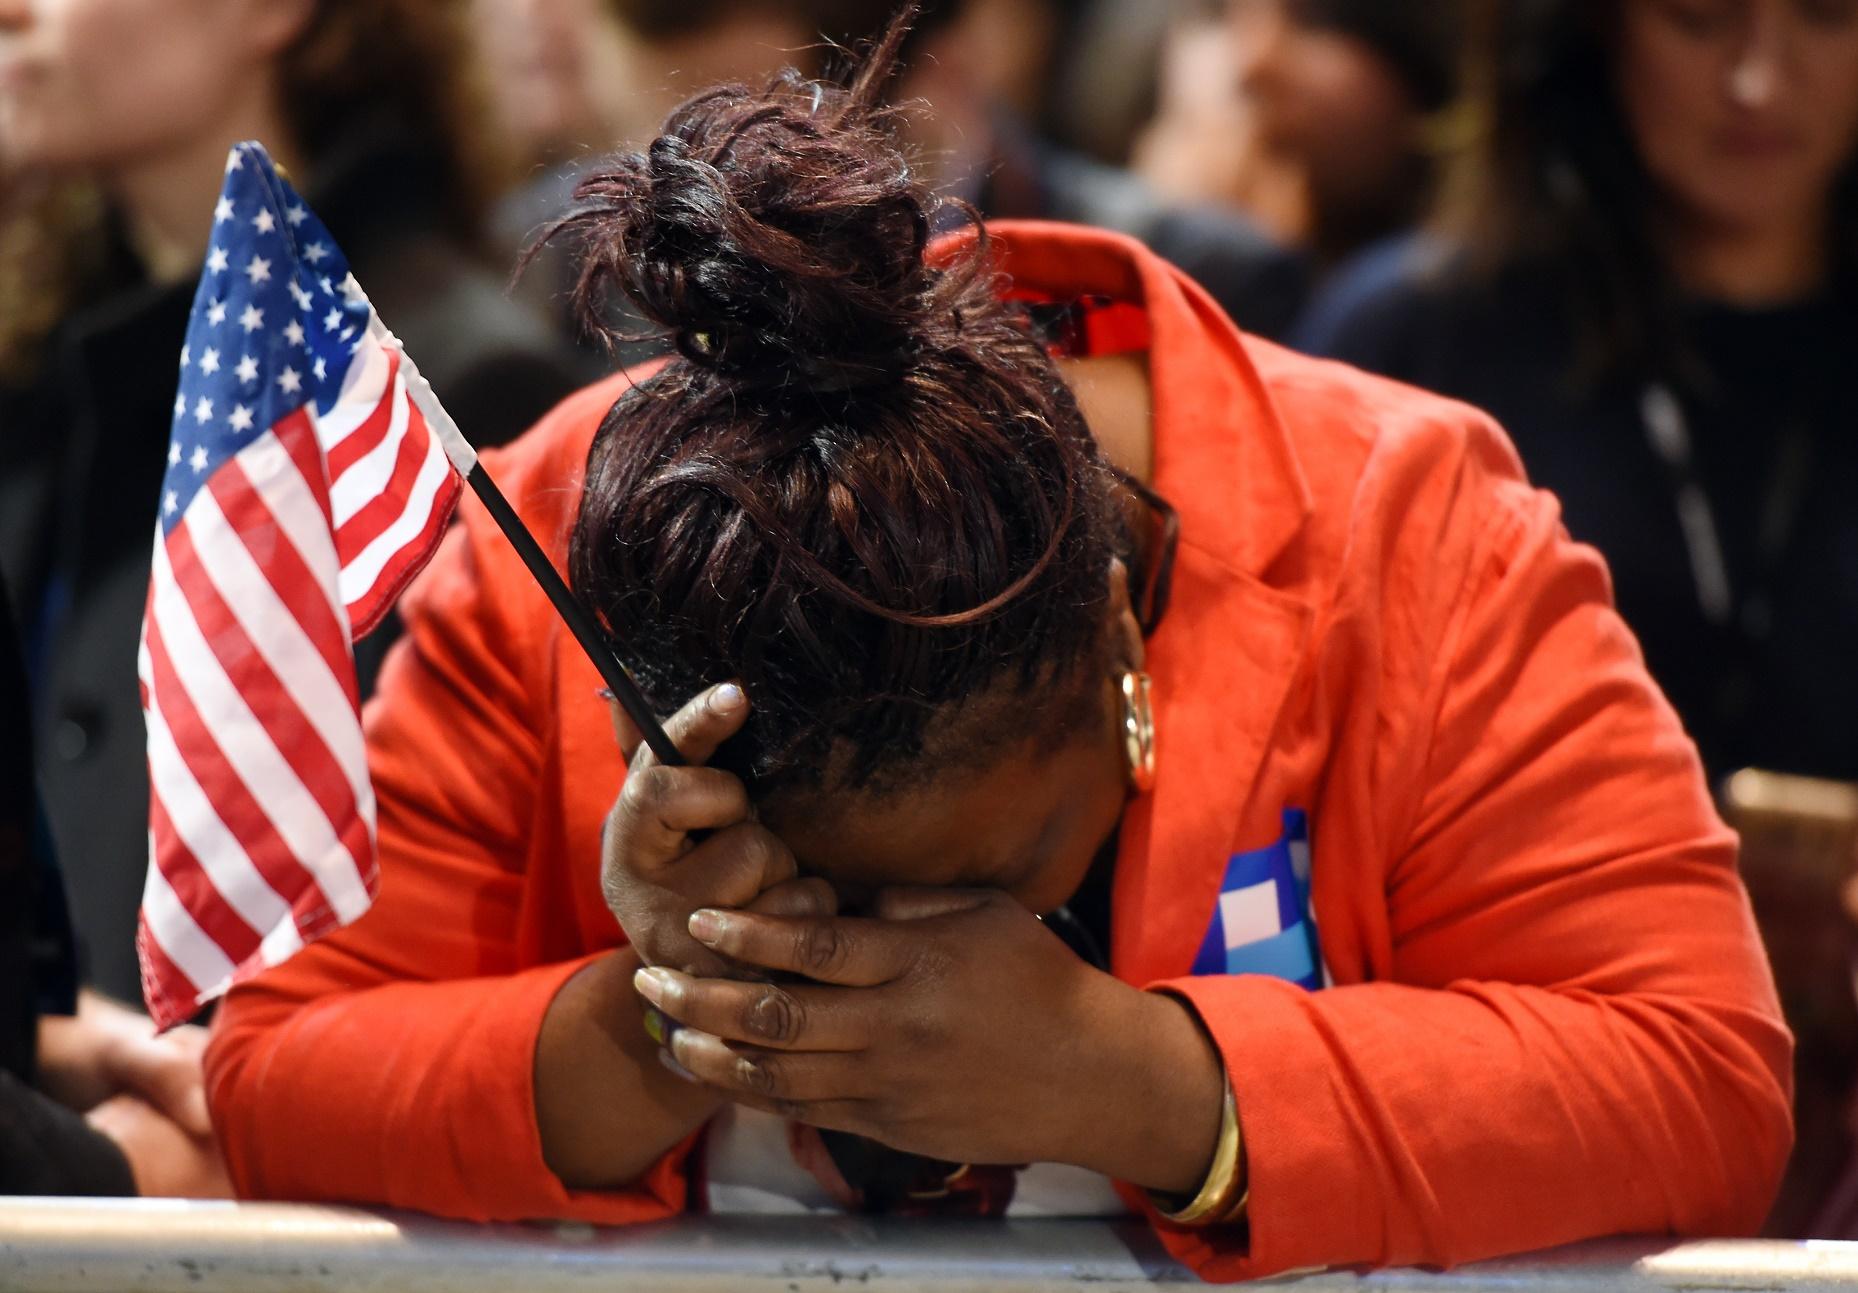 Eleitora democrata lamenta a surpreendente vitória de Trump. Don Emmert/AFP